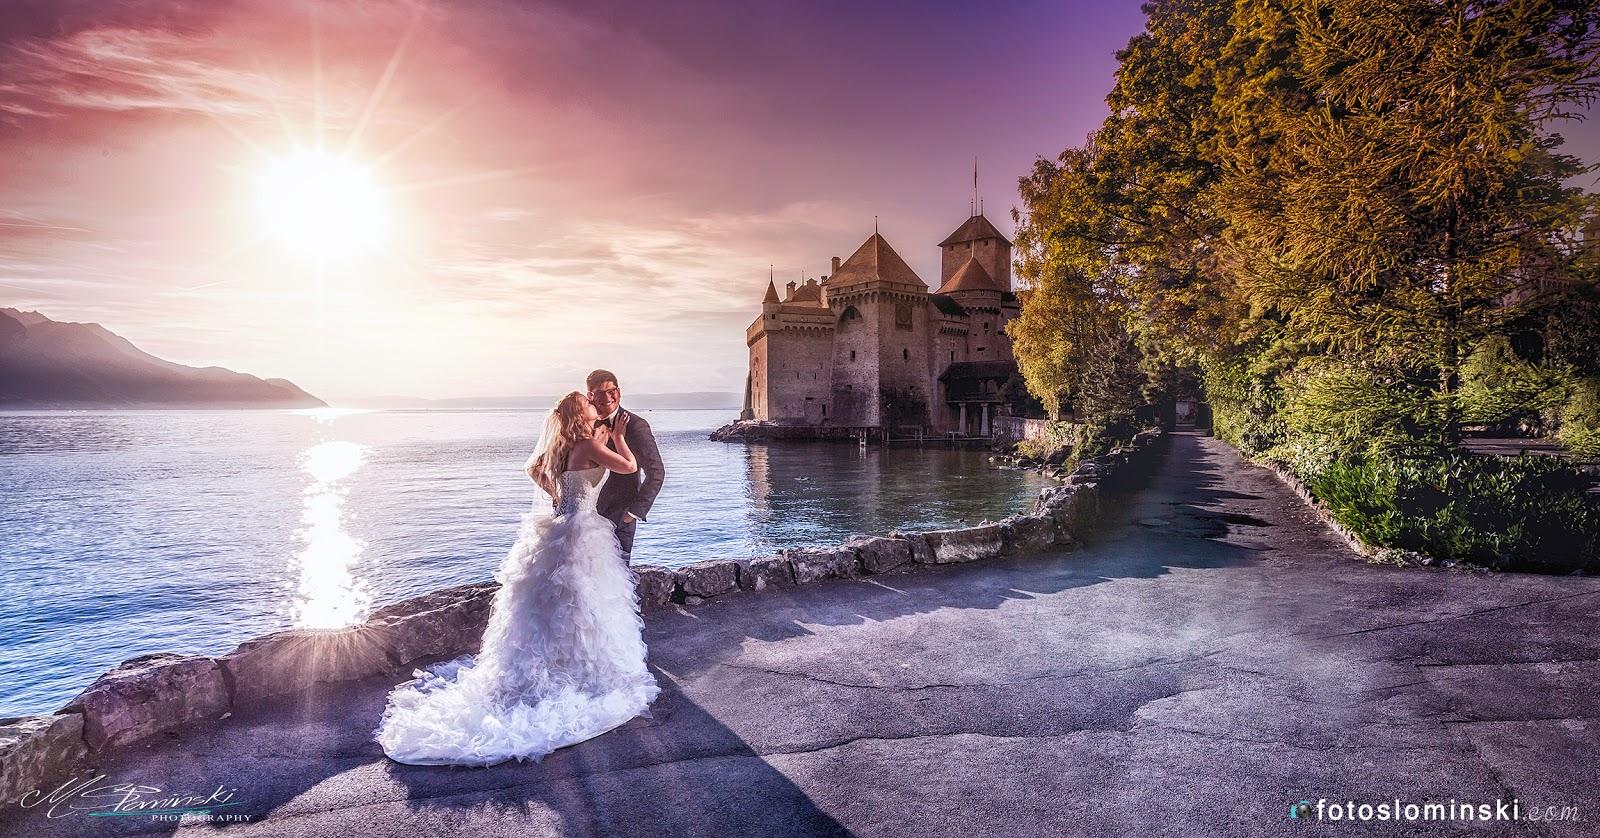 Ile kosztuje sesja ślubna za granicą ?  Jak zorganizować sesję ślubną za granicą ?